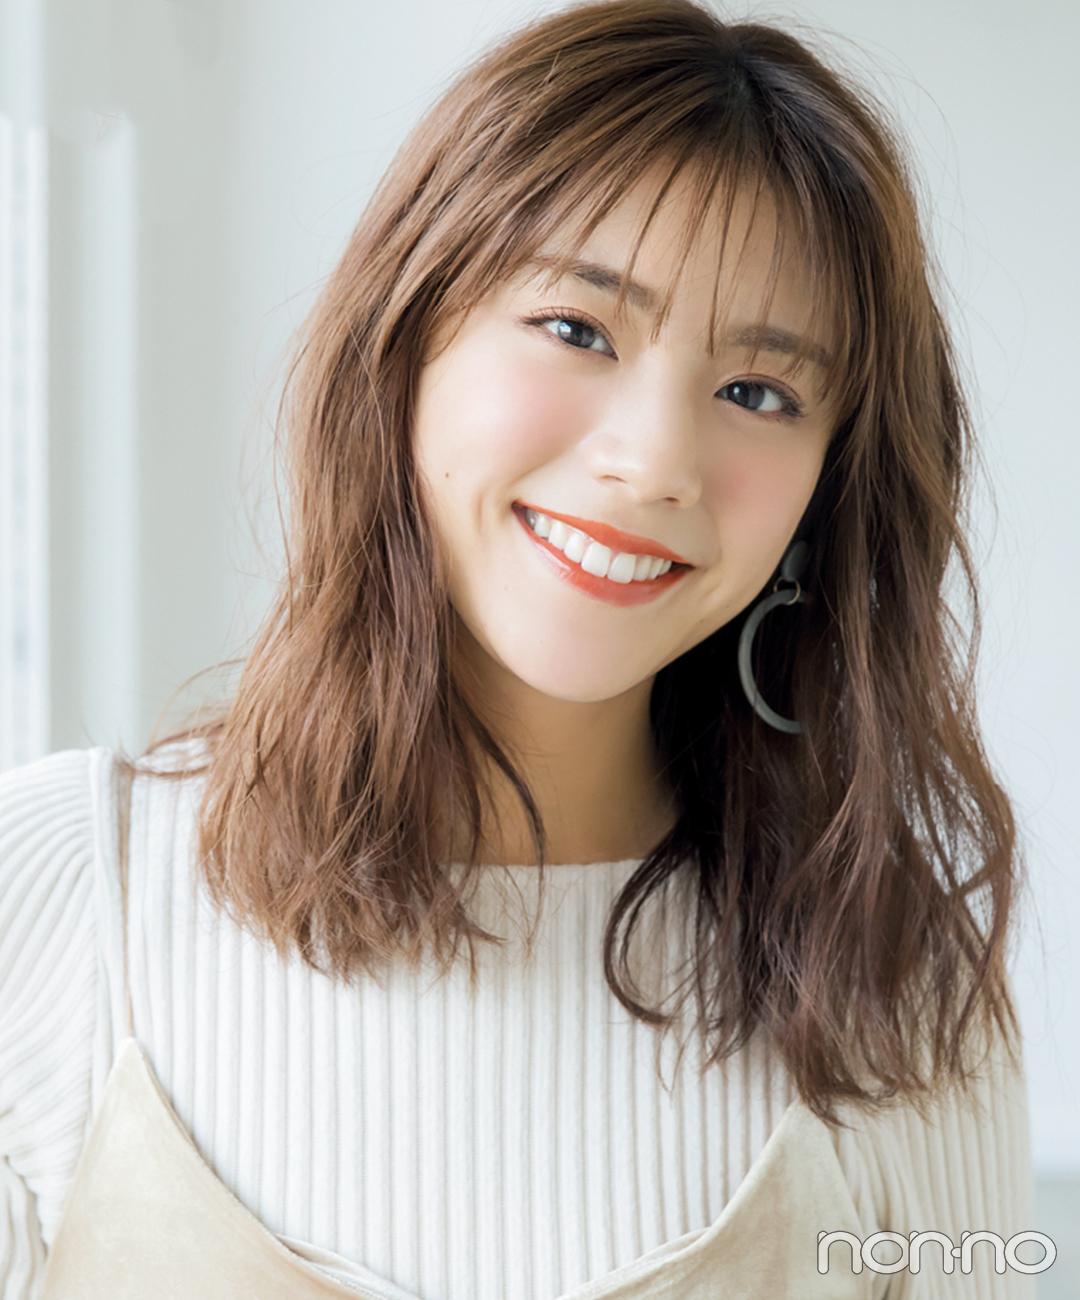 Photo Gallery 天気予報の女神&大人気モデル! 貴島明日香フォトギャラリー_1_33